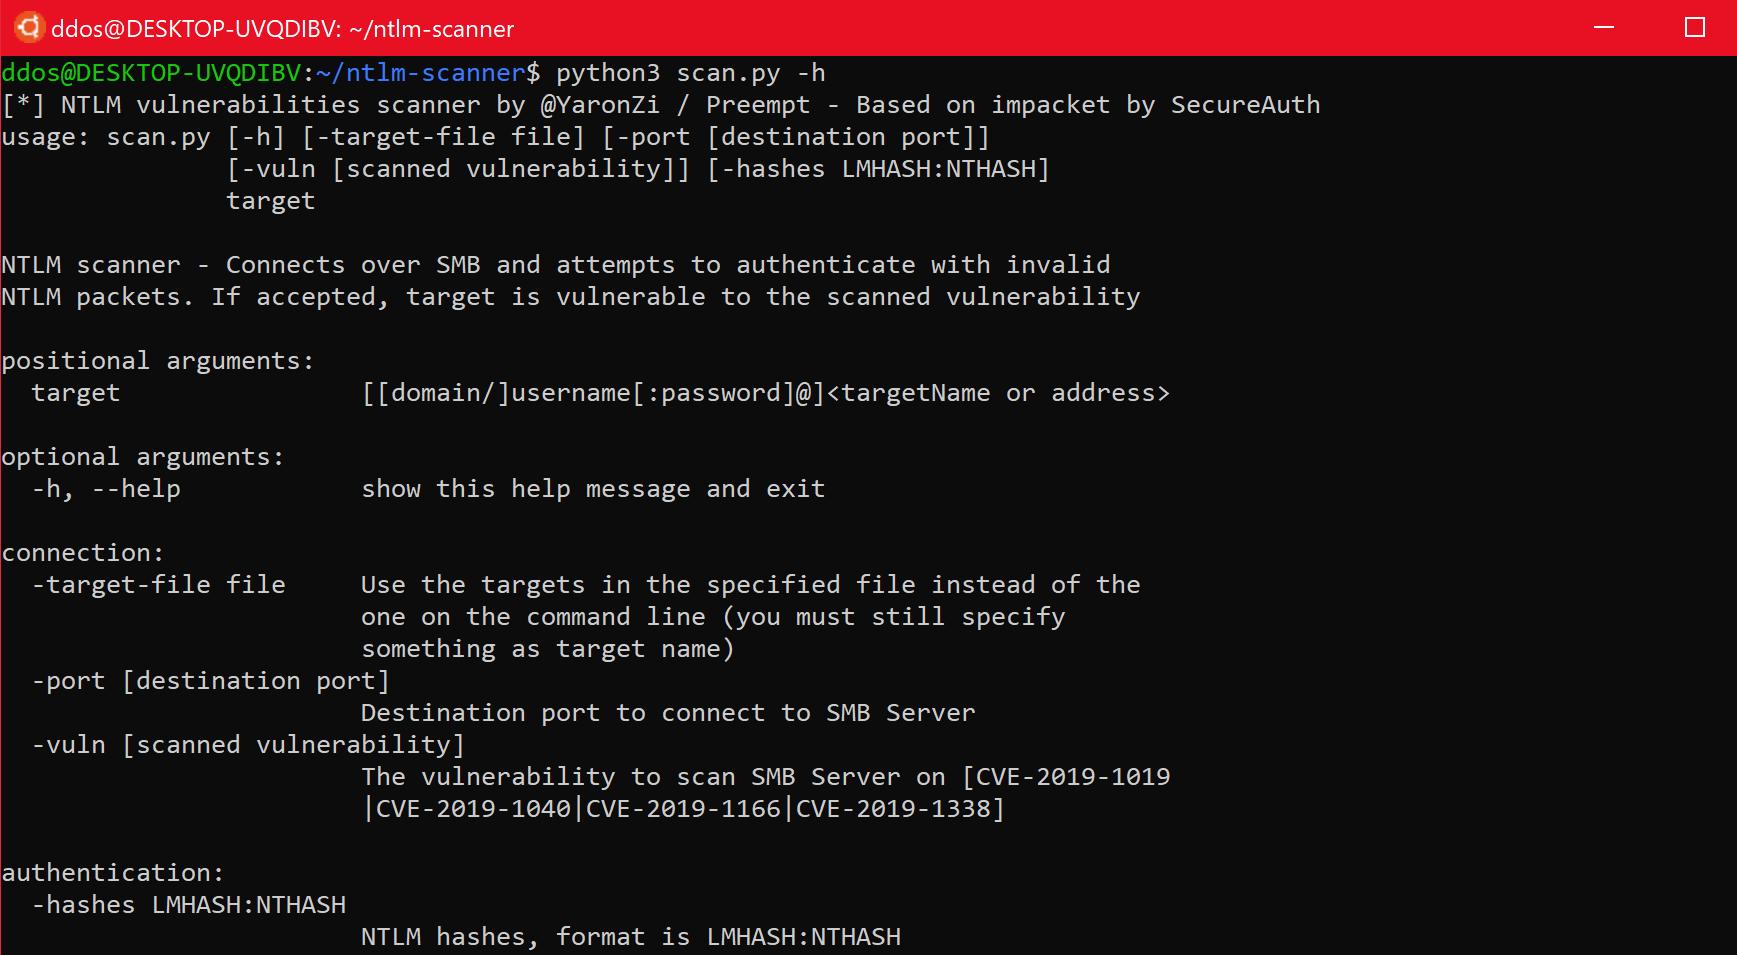 ntlm-scanner: tests servers for various known NTLM vulnerabilities